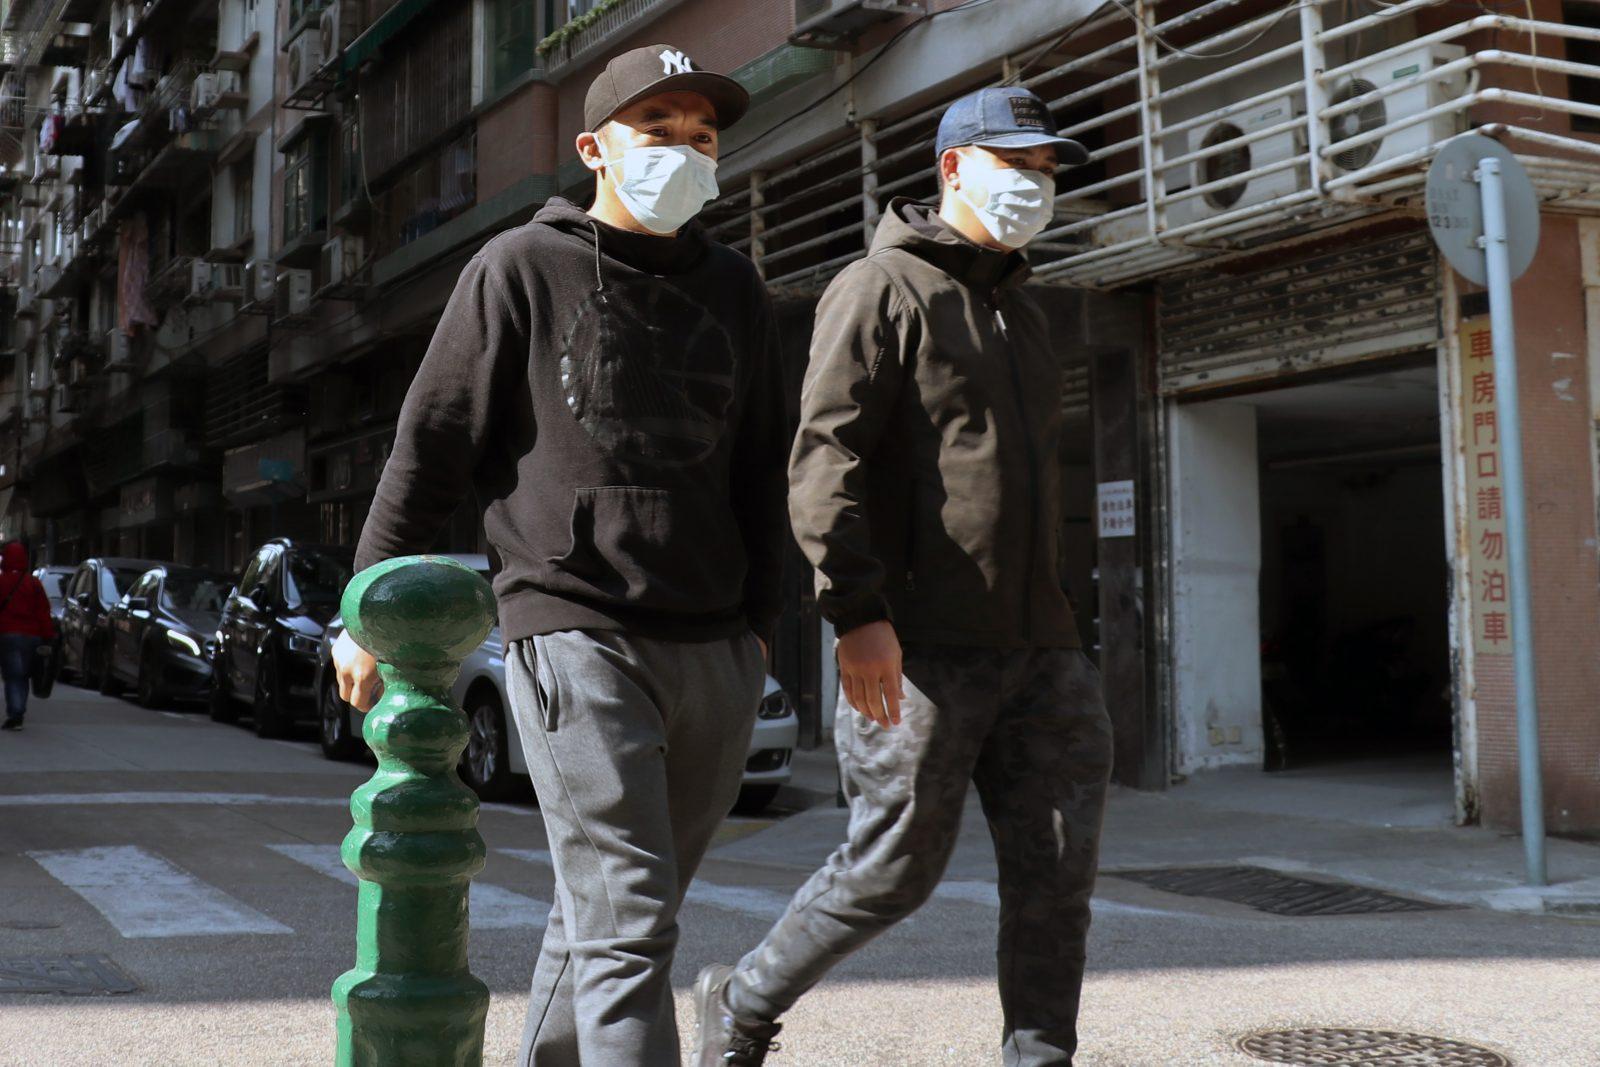 Duas pessoas agasalhadas andando lado a lado na rua com máscaras faciais.